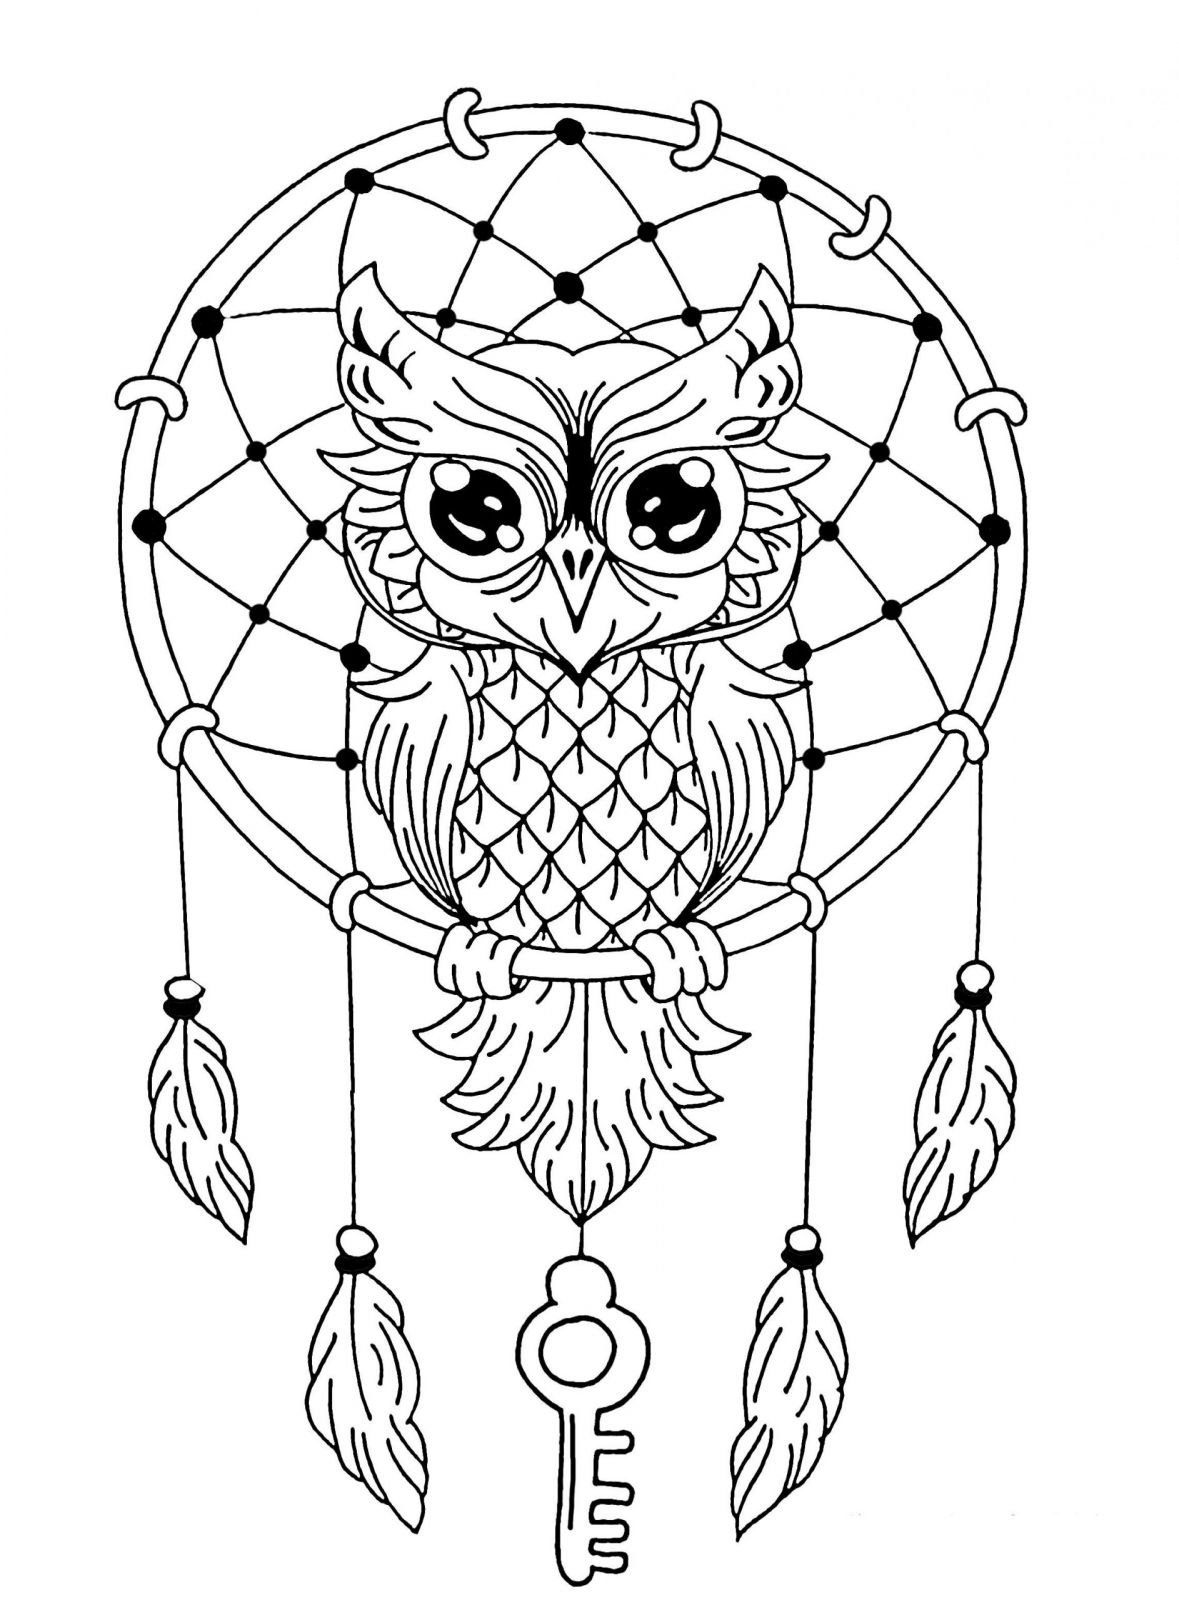 Coloriage Mandala Facile Animaux | Coloriages À Imprimer avec Mandala Facile À Imprimer